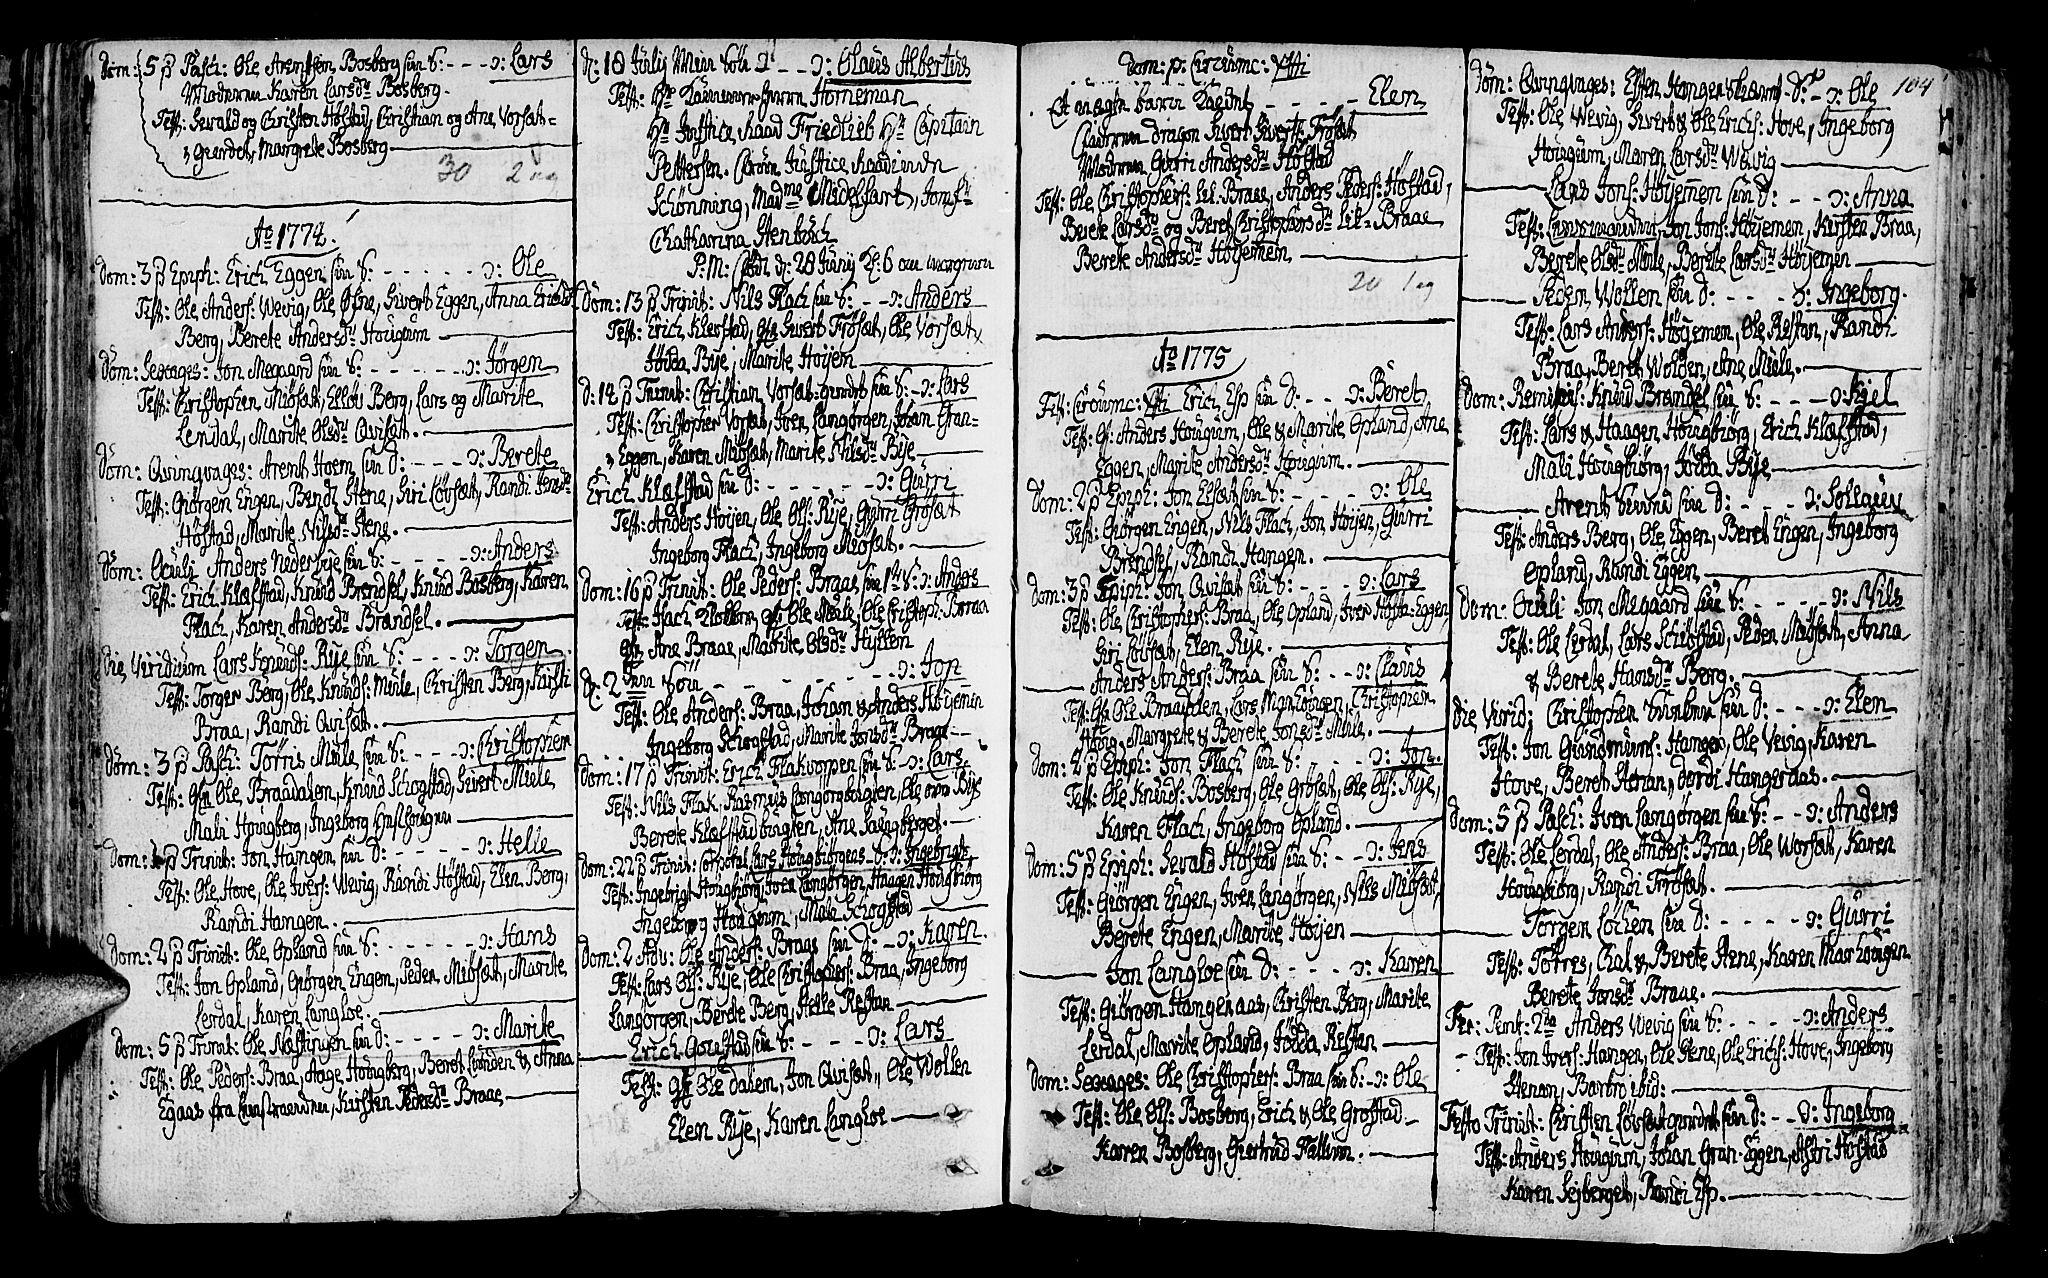 SAT, Ministerialprotokoller, klokkerbøker og fødselsregistre - Sør-Trøndelag, 612/L0370: Ministerialbok nr. 612A04, 1754-1802, s. 104